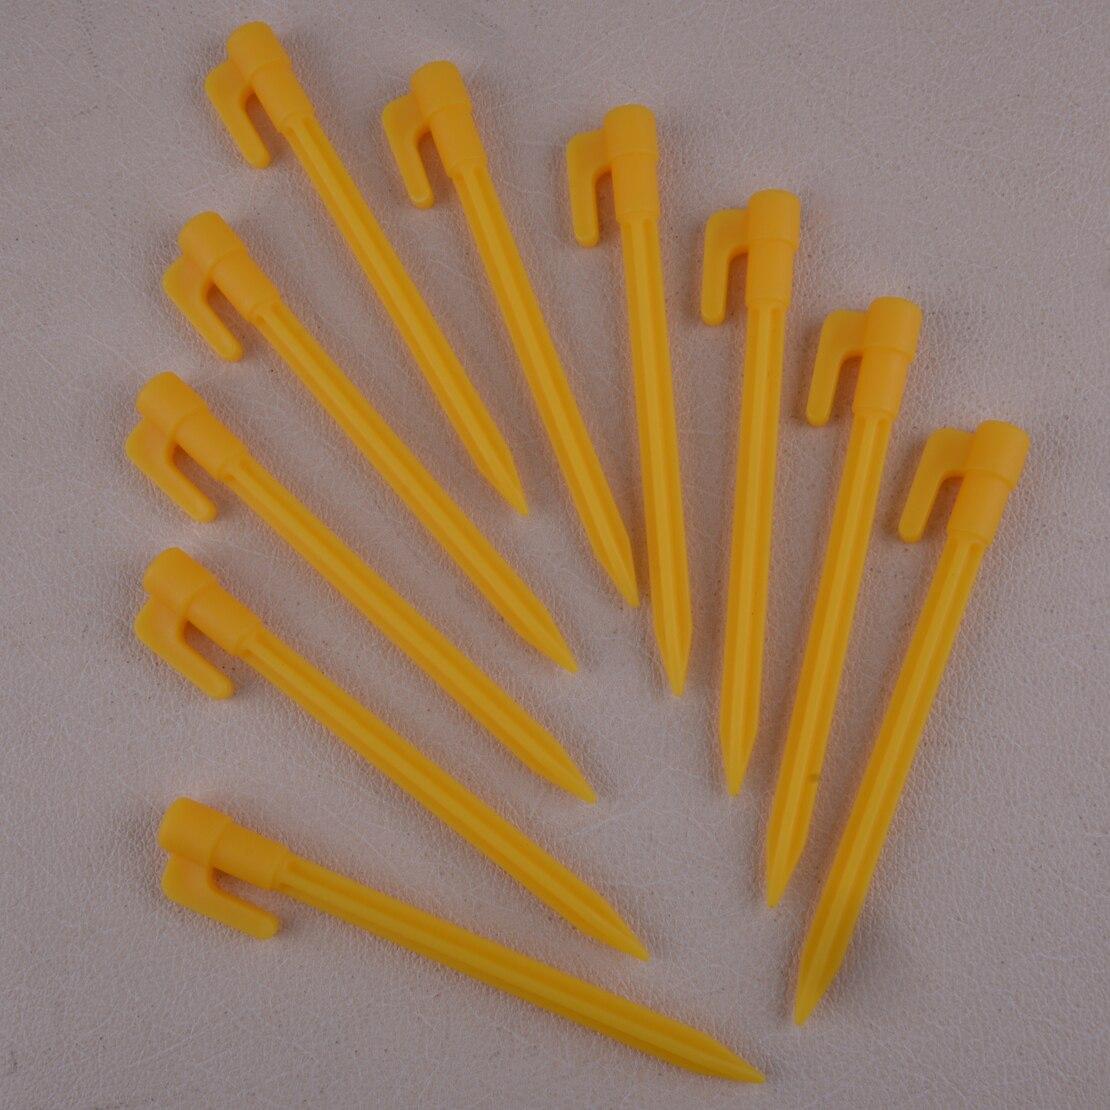 LETAOSK, 10 uds, toldo de plástico amarillo para exteriores, para Camping, carpa, estacas, clavos de fijación, resistente